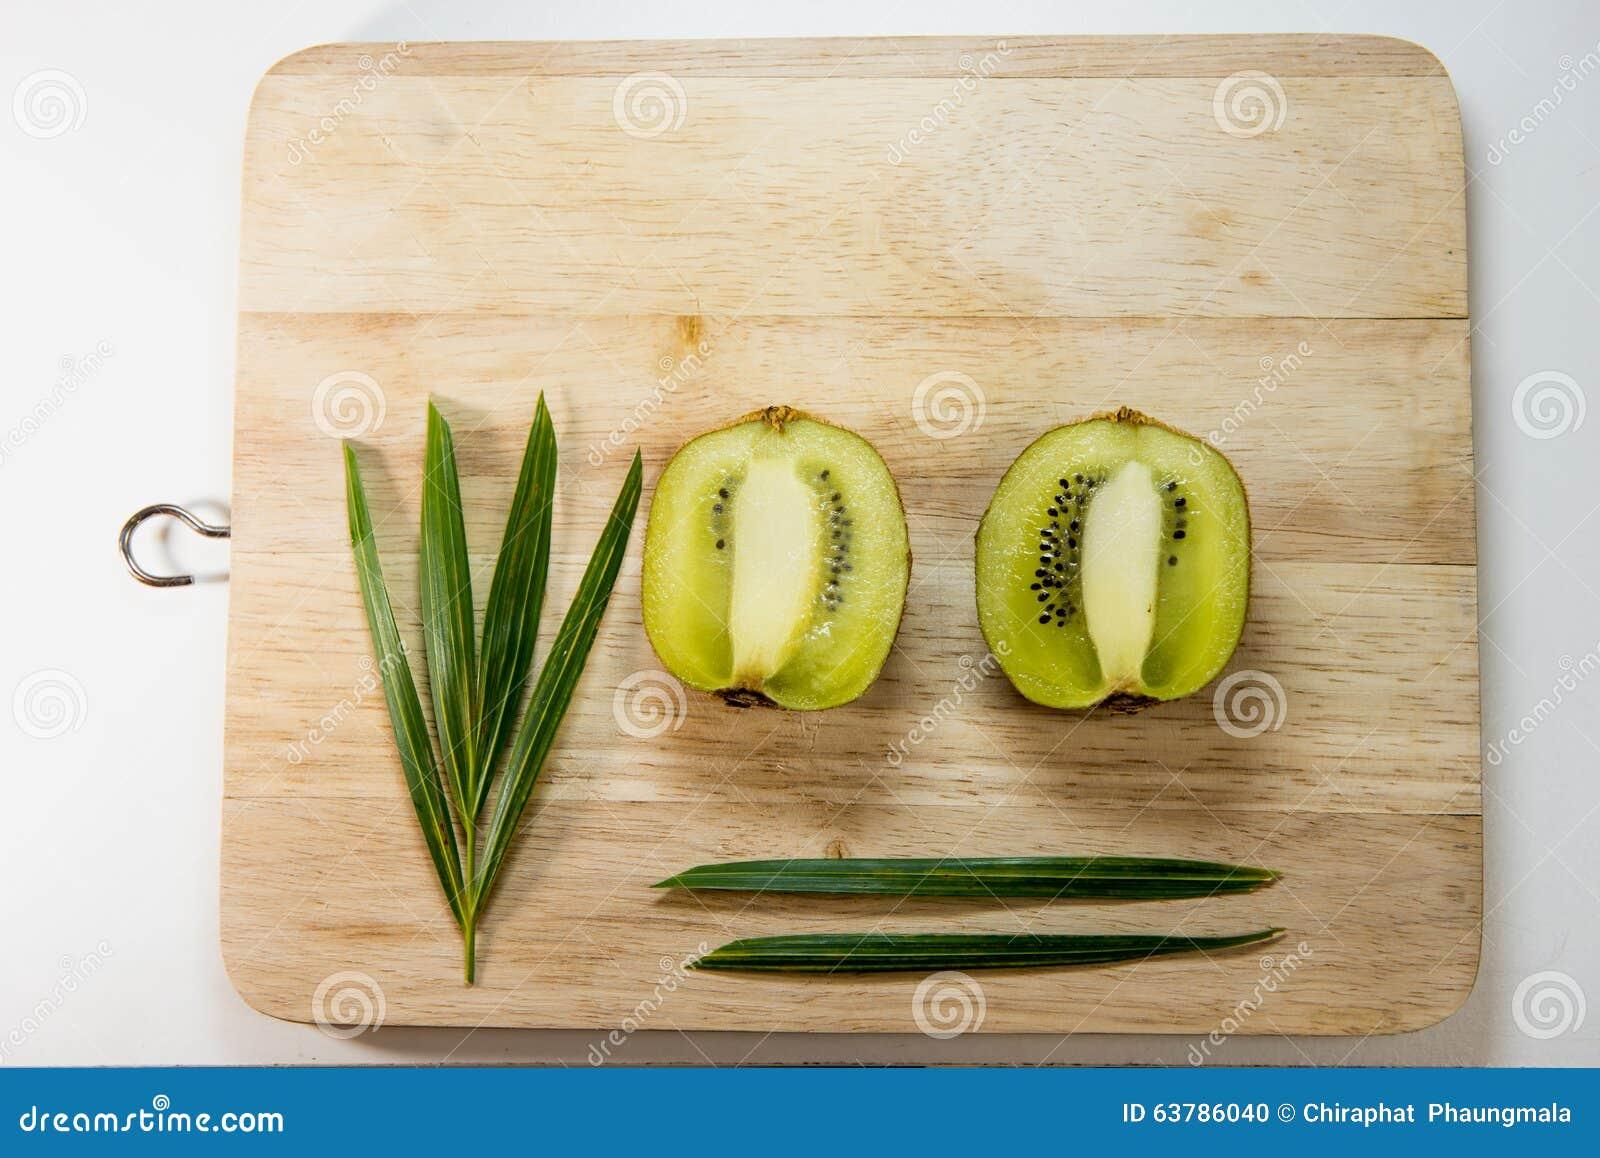 Kiwi fruit isolated on block decoration stock photo for Decoration kiwi